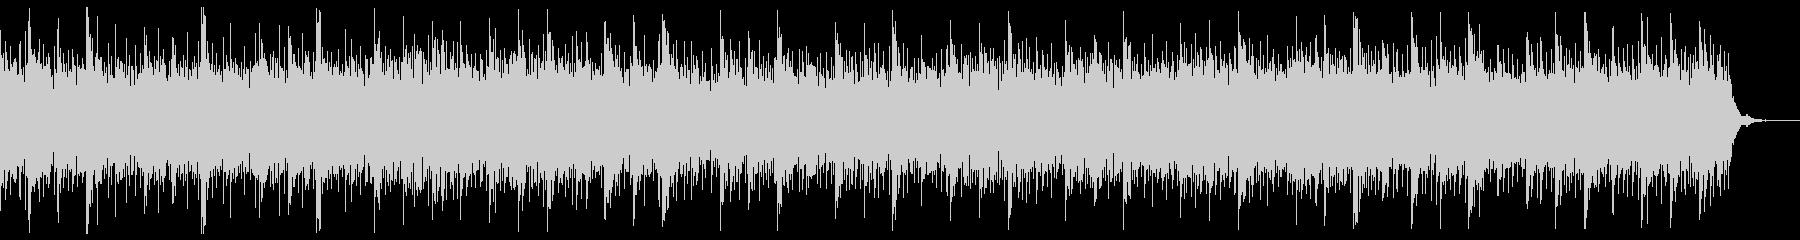 【ドラム無】企業VP35 爽やか ピアノの未再生の波形